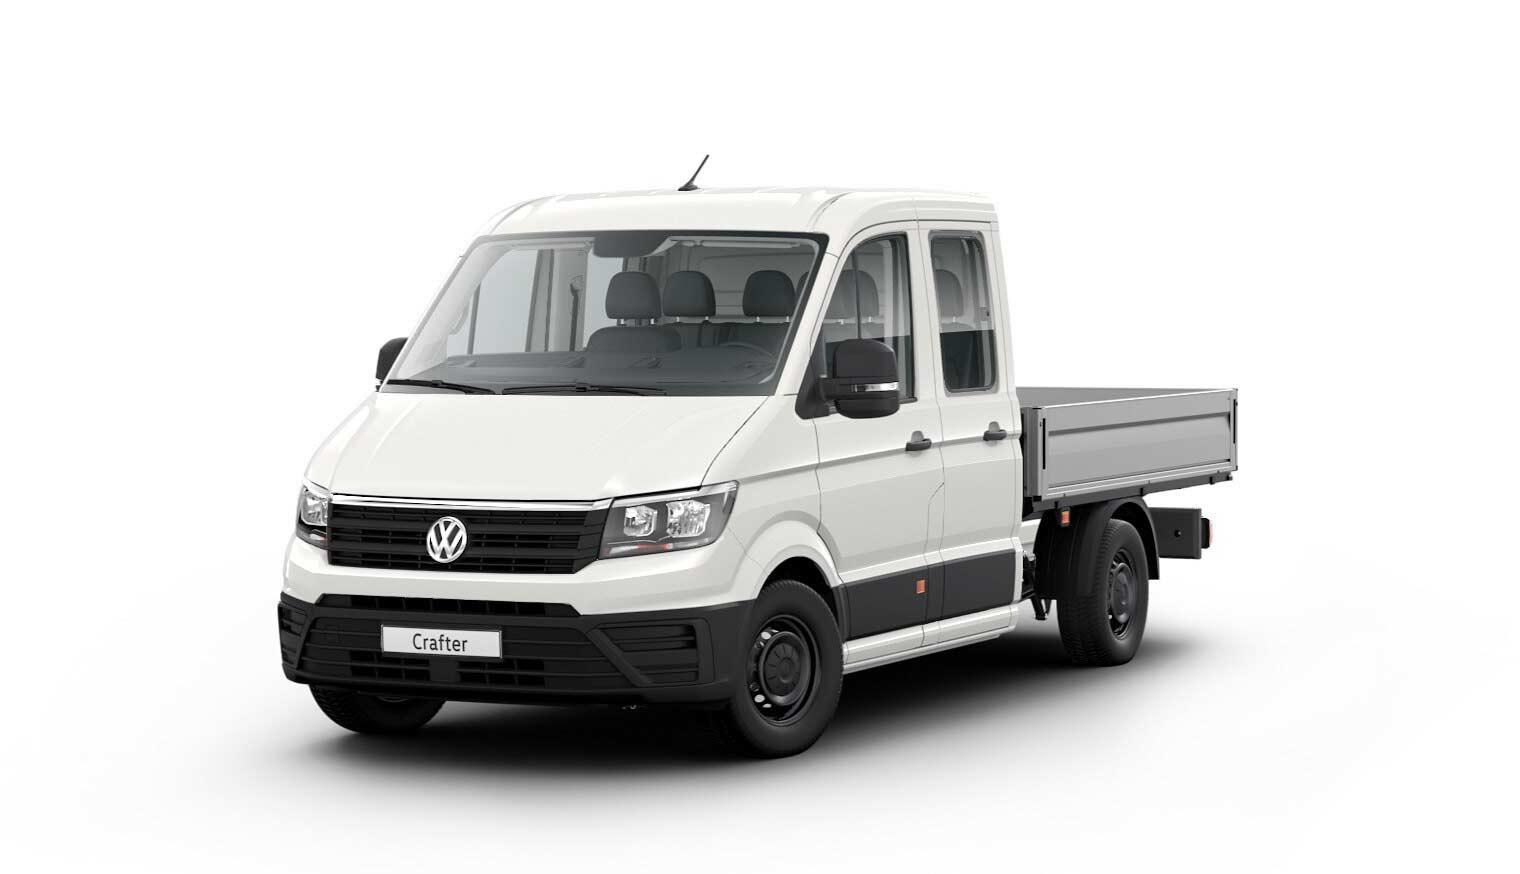 Crafter 35 Pritschenwagen Doppelkabine Motor: 2,0 l TDI EU6 SCR BlueMotion Technology 75 kW Getriebe: Frontantrieb 6-Gang-Schaltgetriebe Radstand: 3640 mm